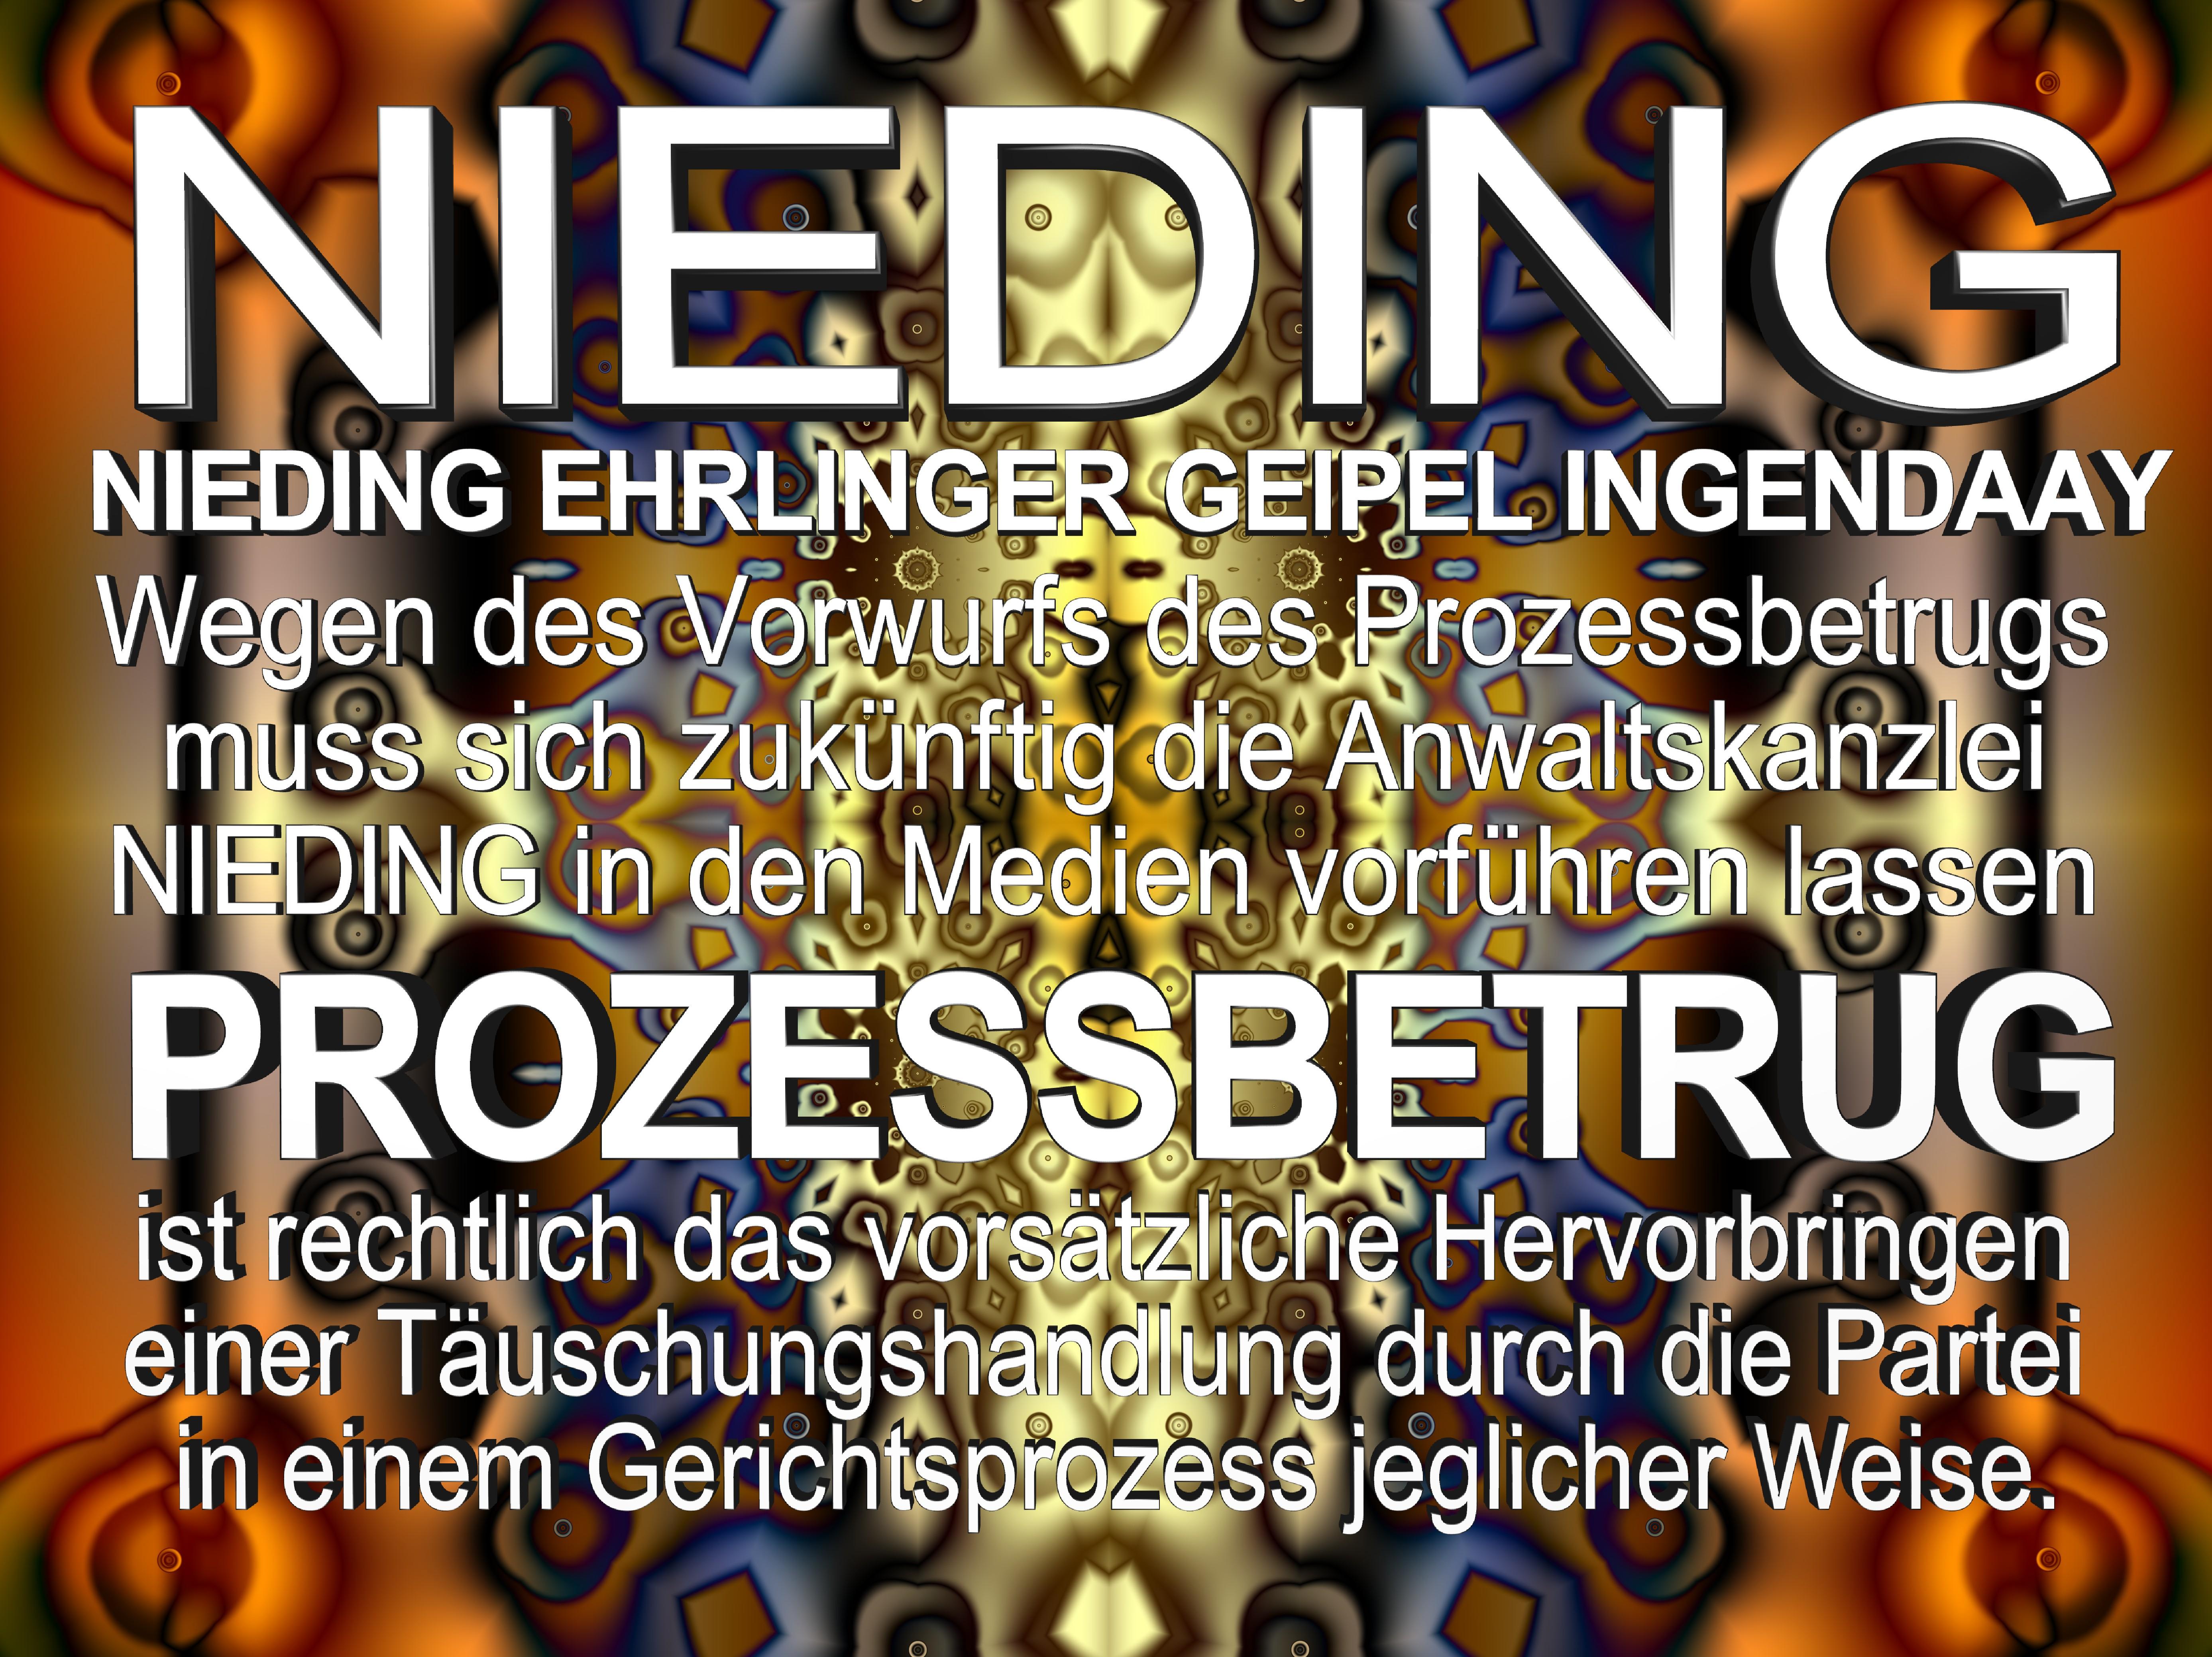 NIEDING EHRLINGER GEIPEL INGENDAAY LELKE Kurfürstendamm 66 Berlin (190)